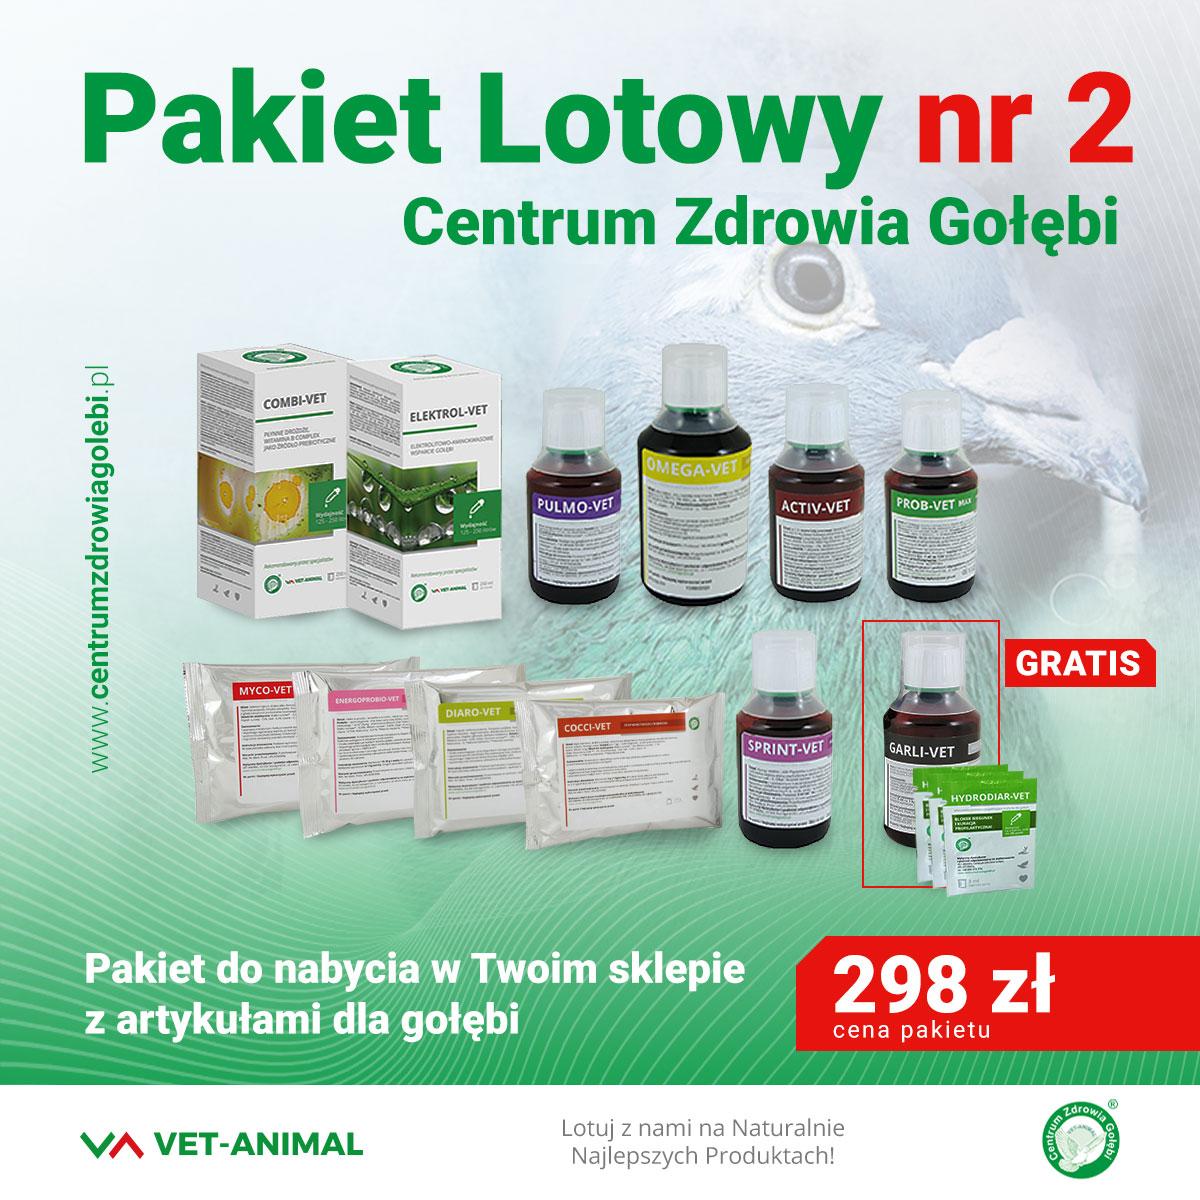 Centrum Zdrowia Golebi Pakiet Lotowy Nr 2 11 2 Gratisy I Mojgolab Pl